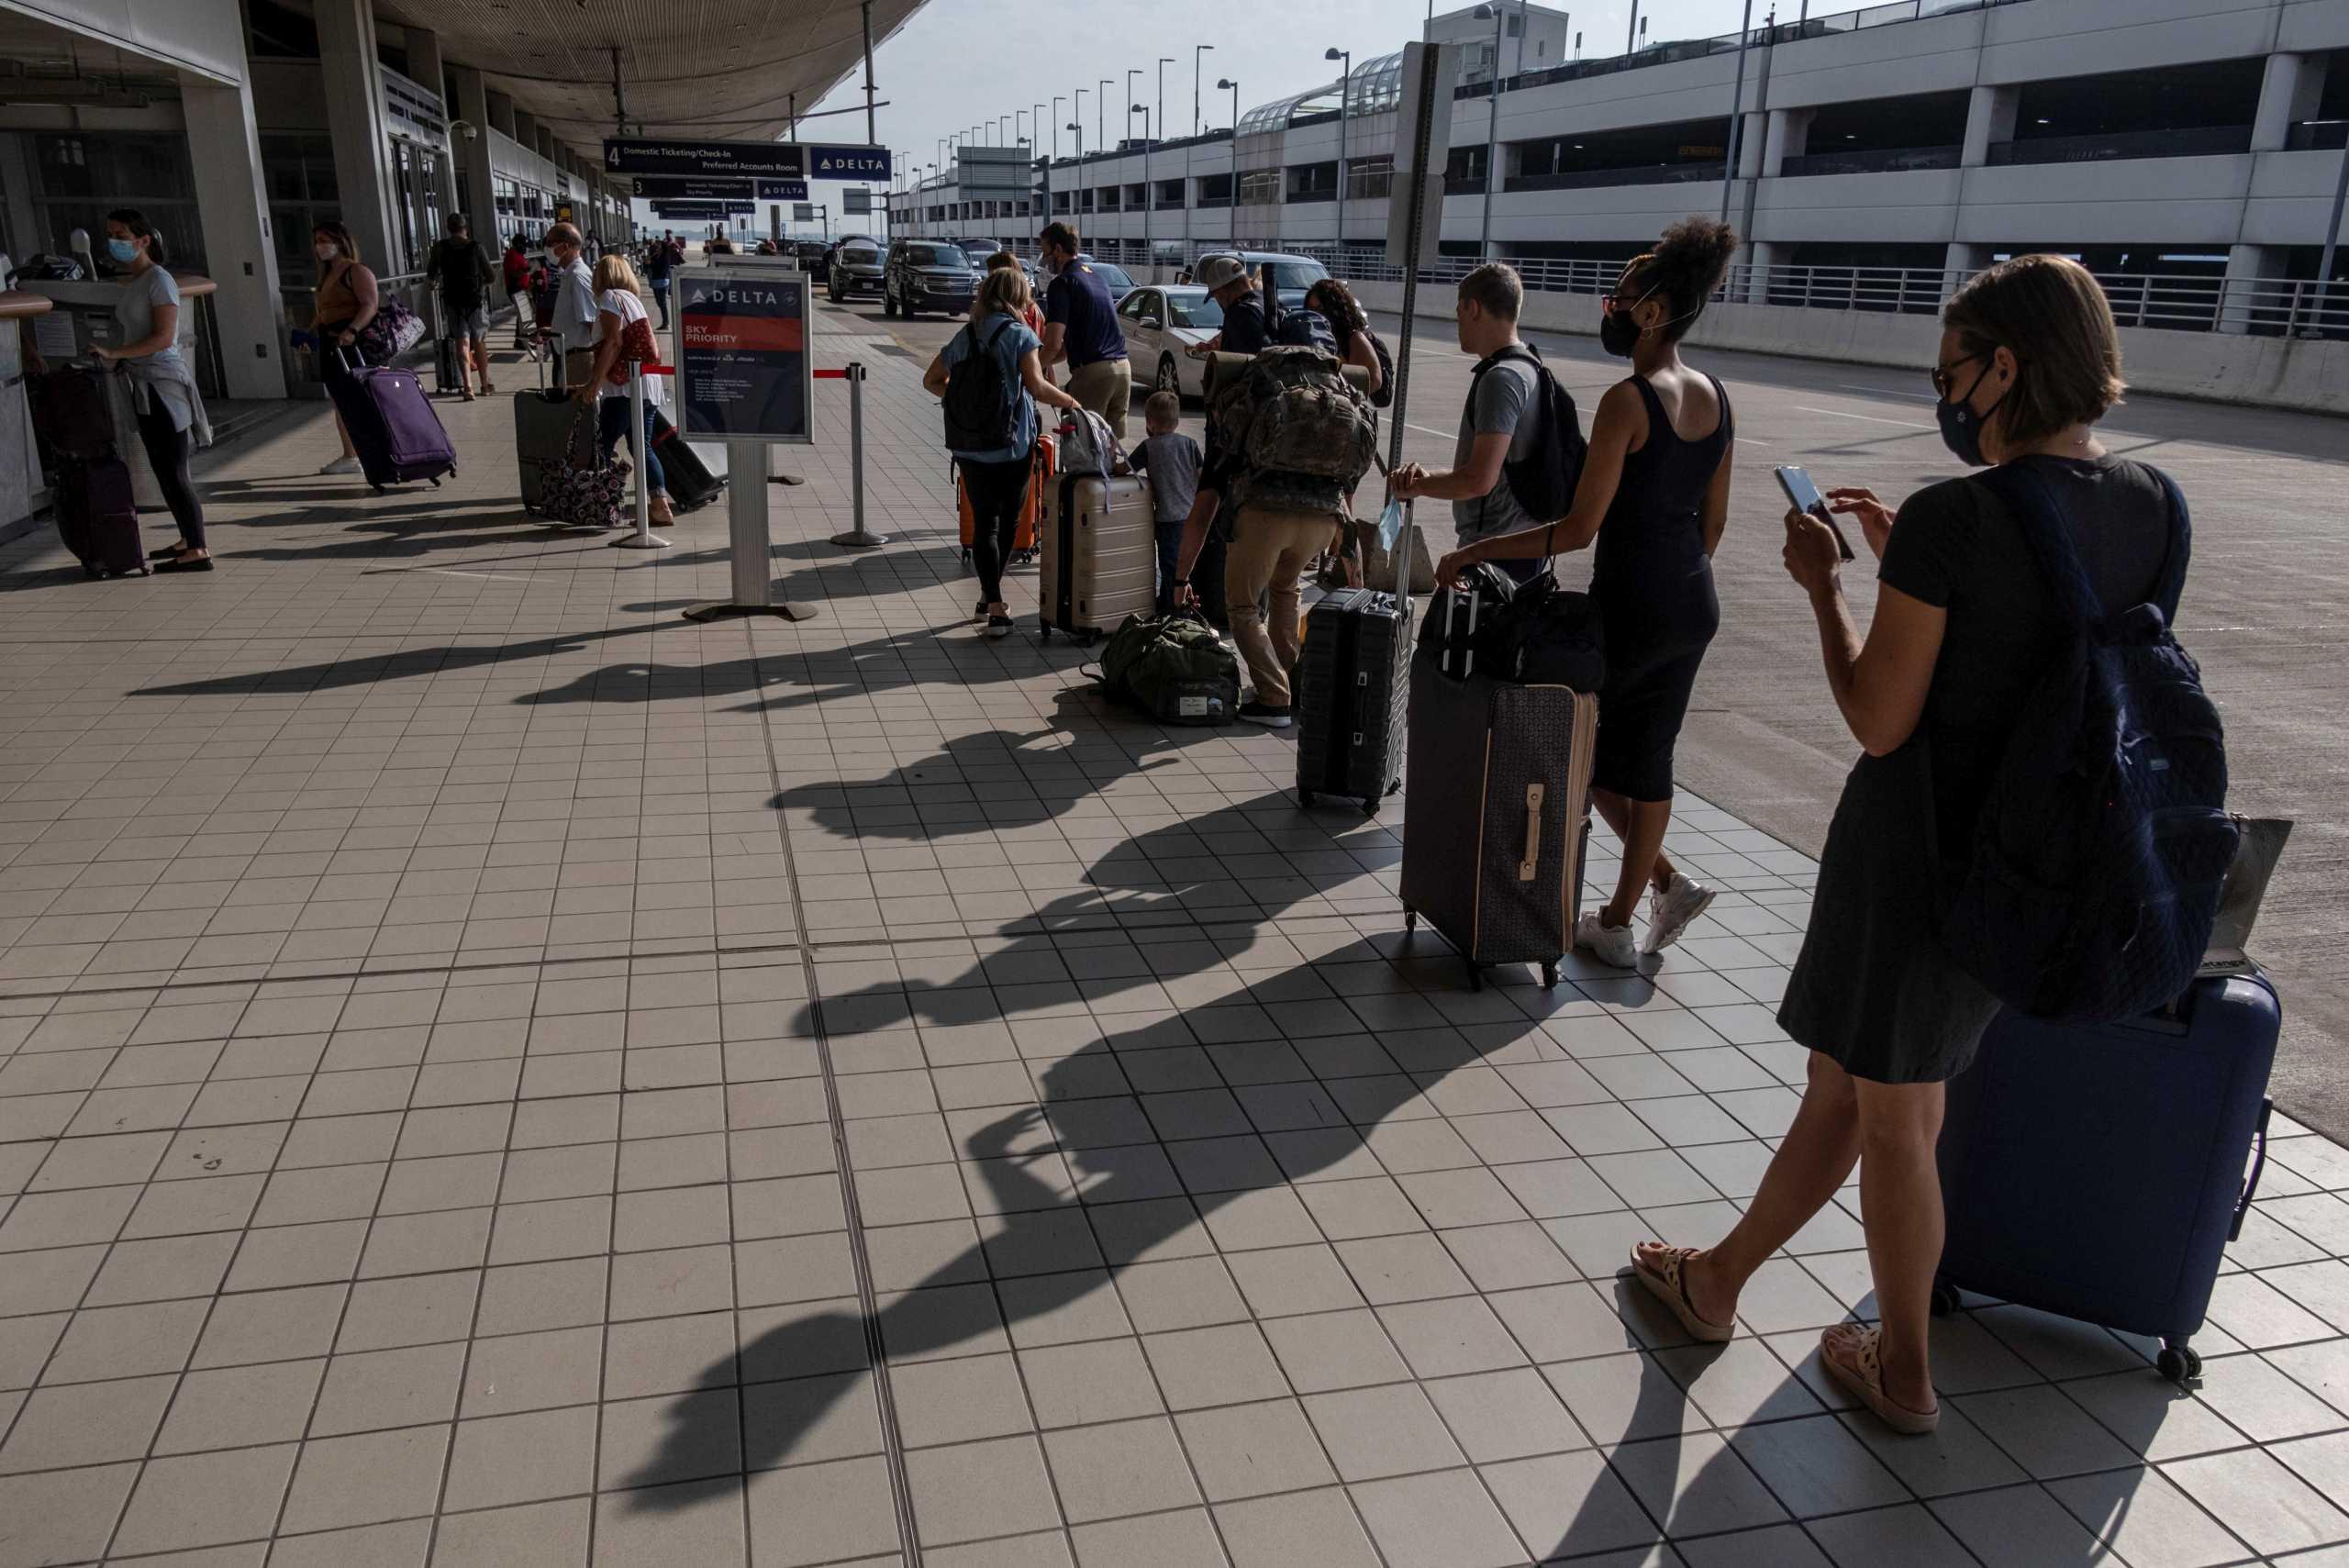 Βρετανία: Στο «τραπέζι» τα διαβατήρια εμβολιασμού για να επιτραπούν τα διεθνή ταξίδια